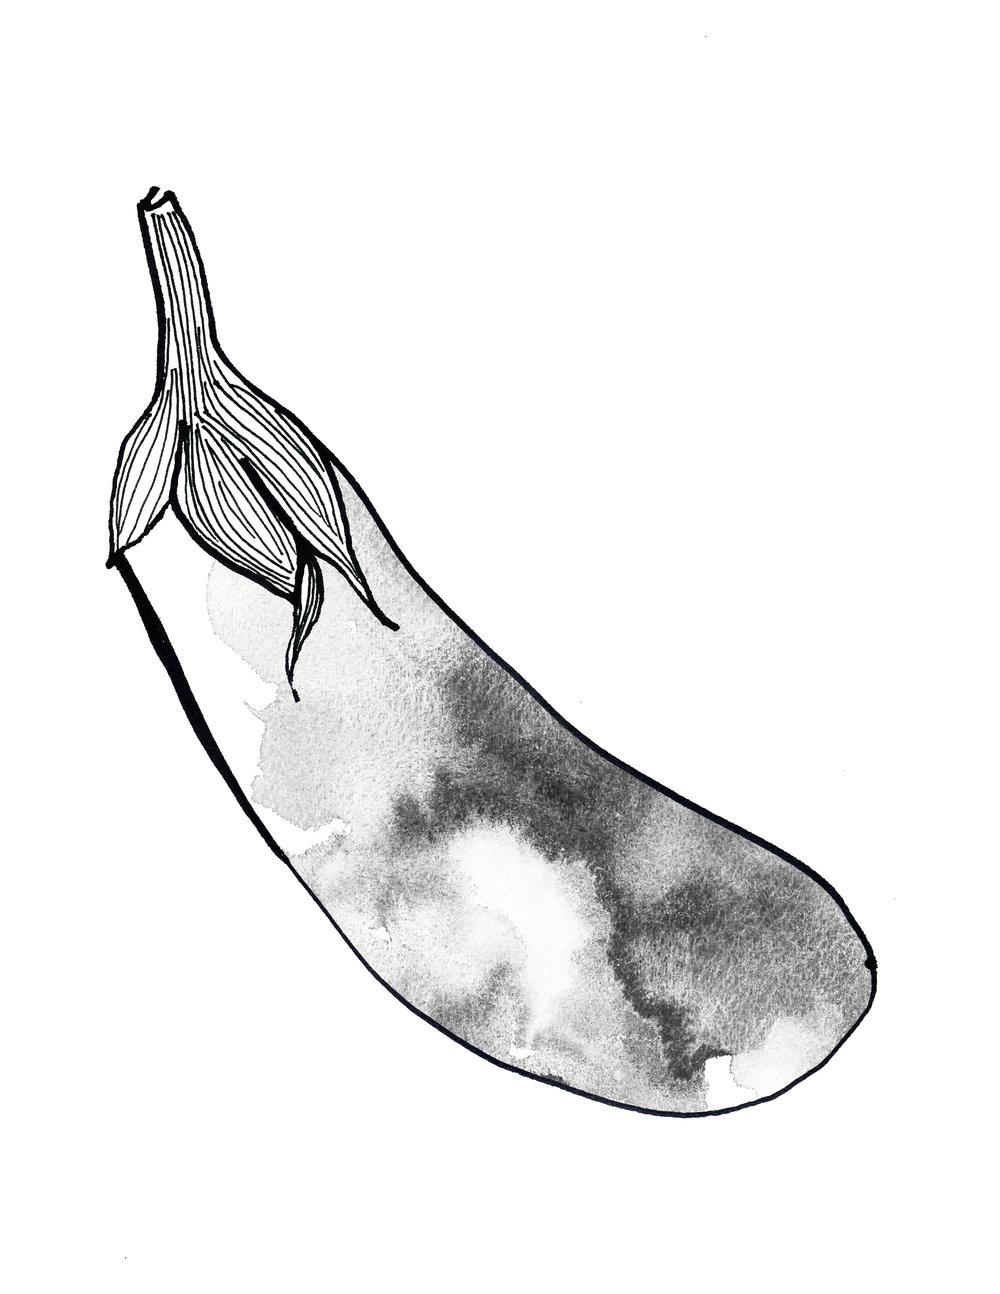 WC_Eggplant.jpg